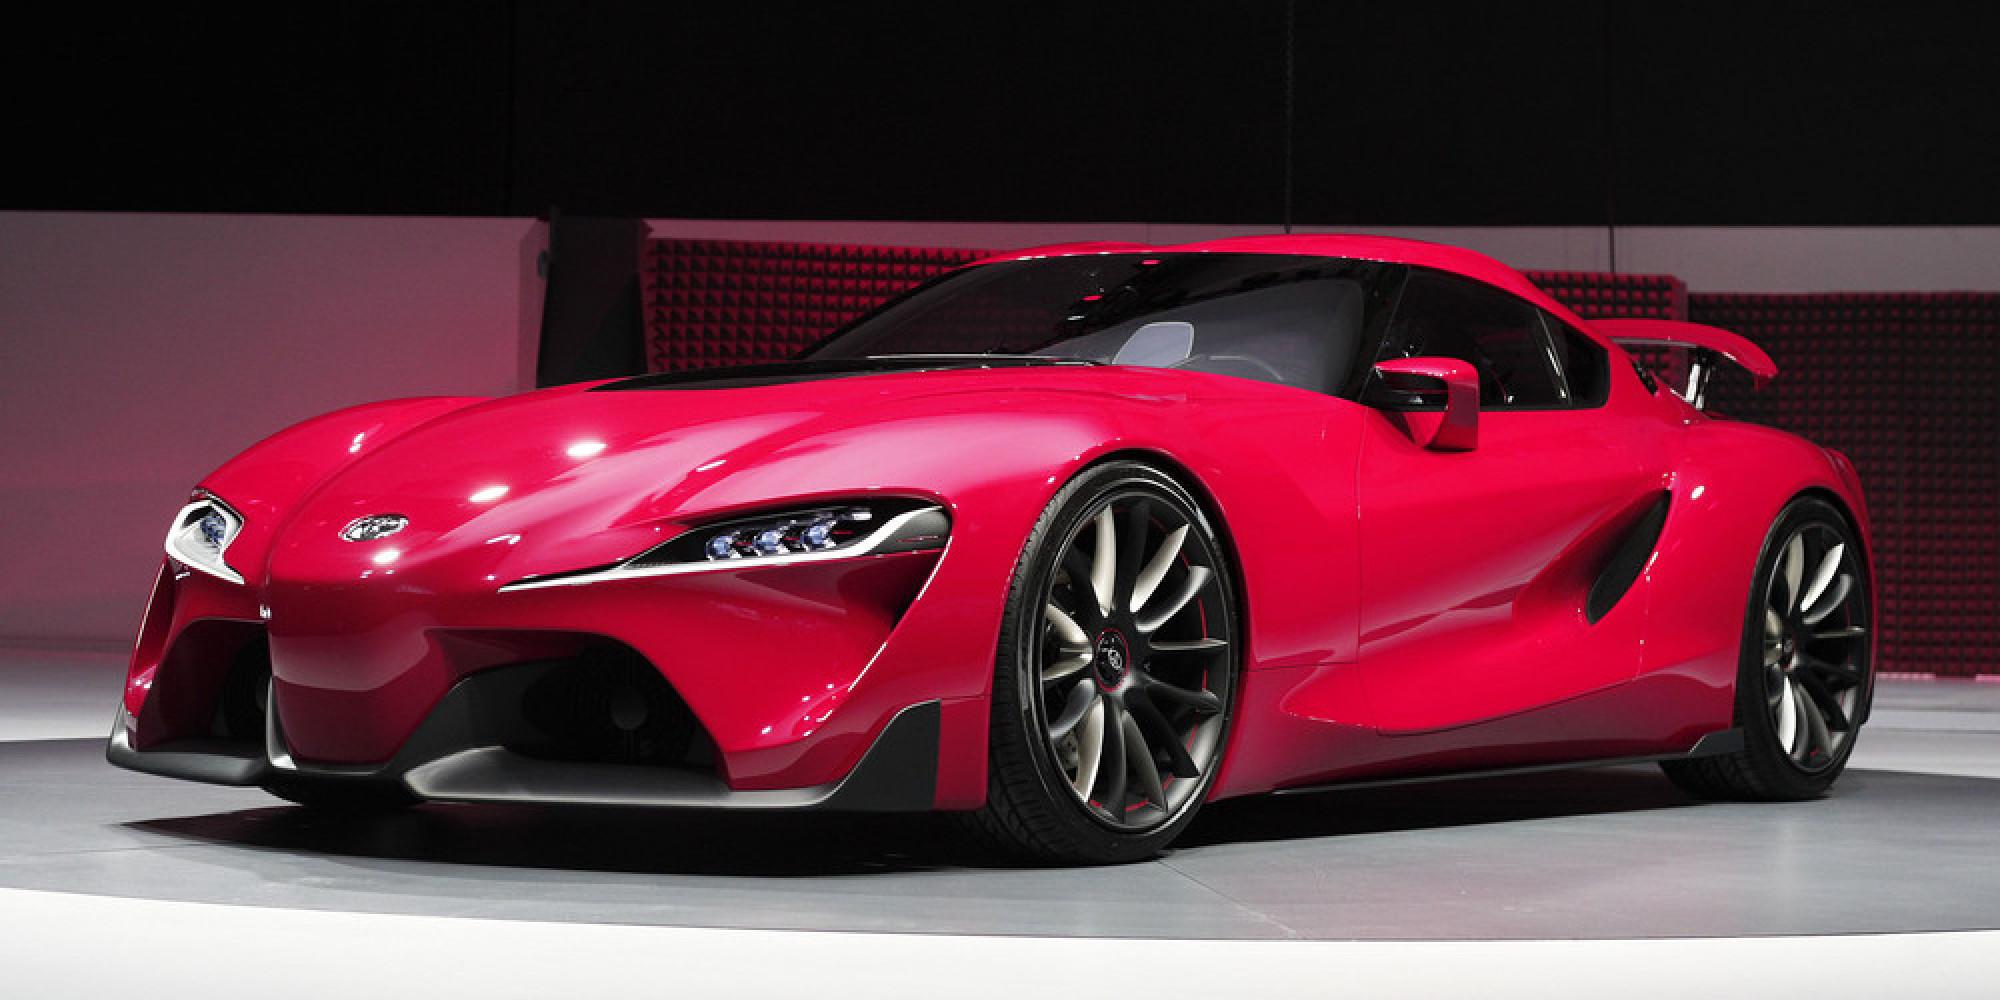 トヨタが「ft 1」を発表 新型スーパーカーの試作車